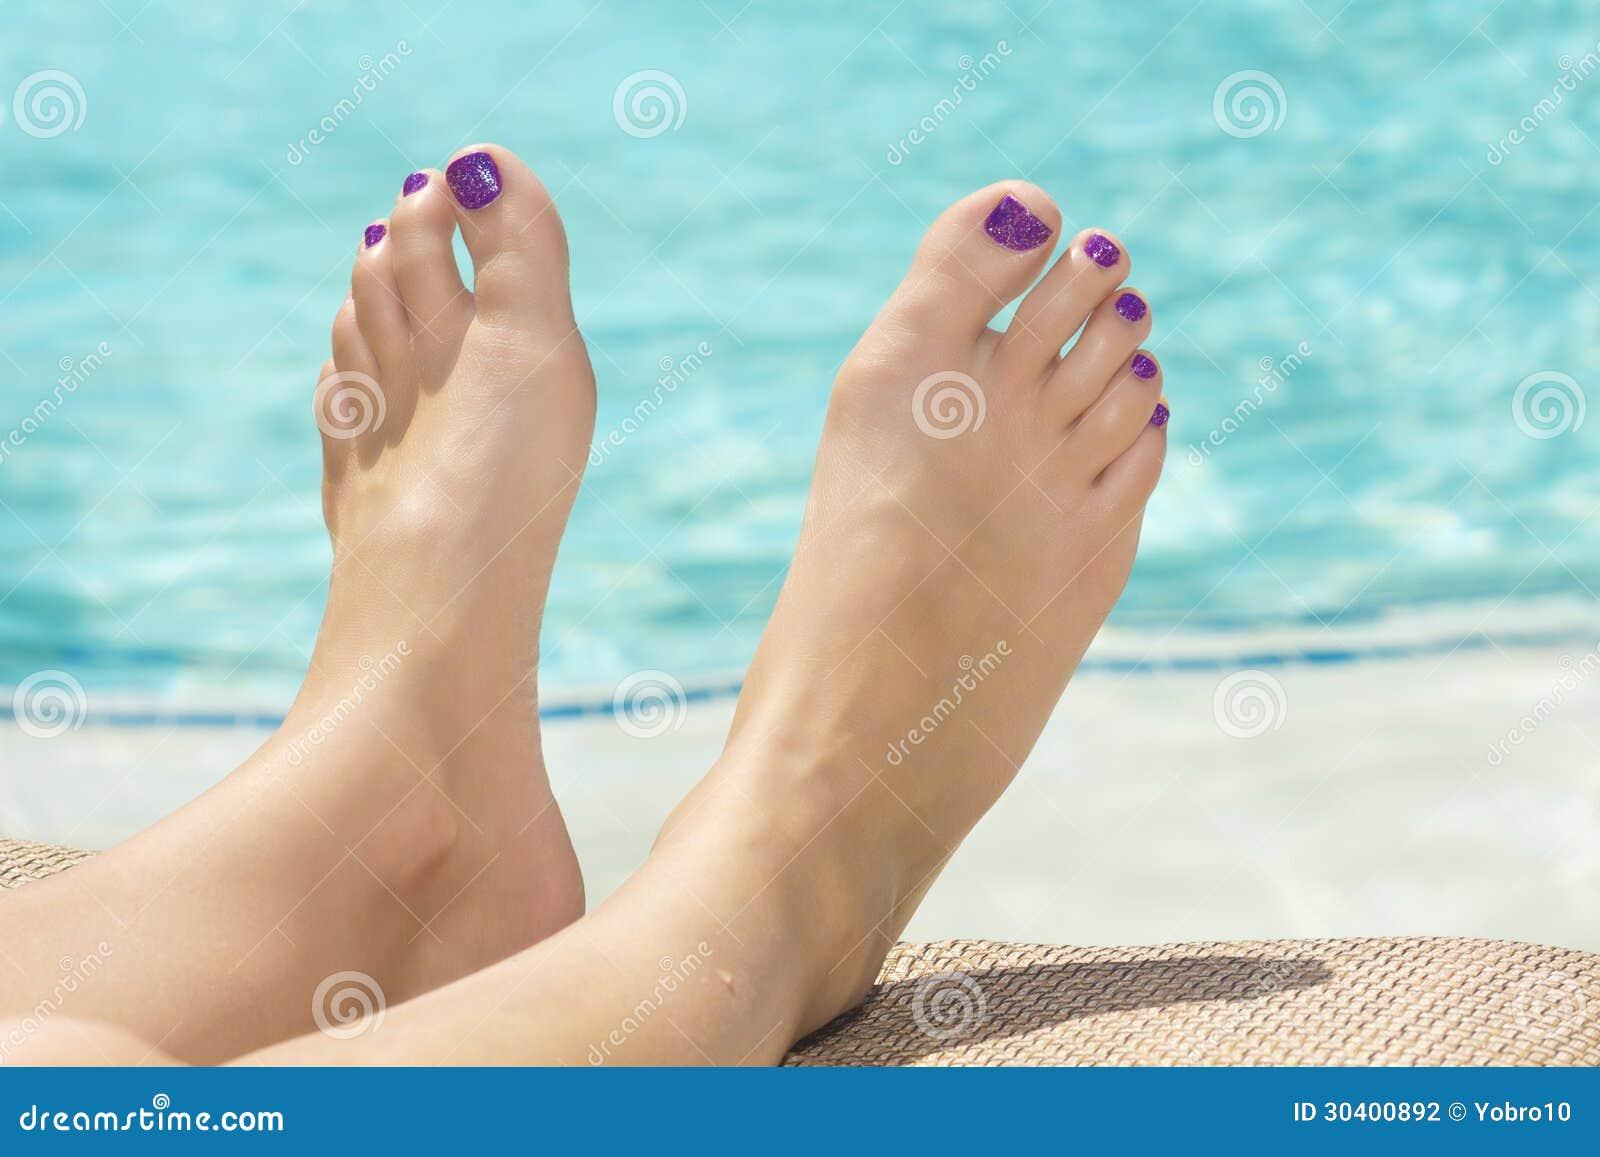 Фото ноги в бассейне 23 фотография